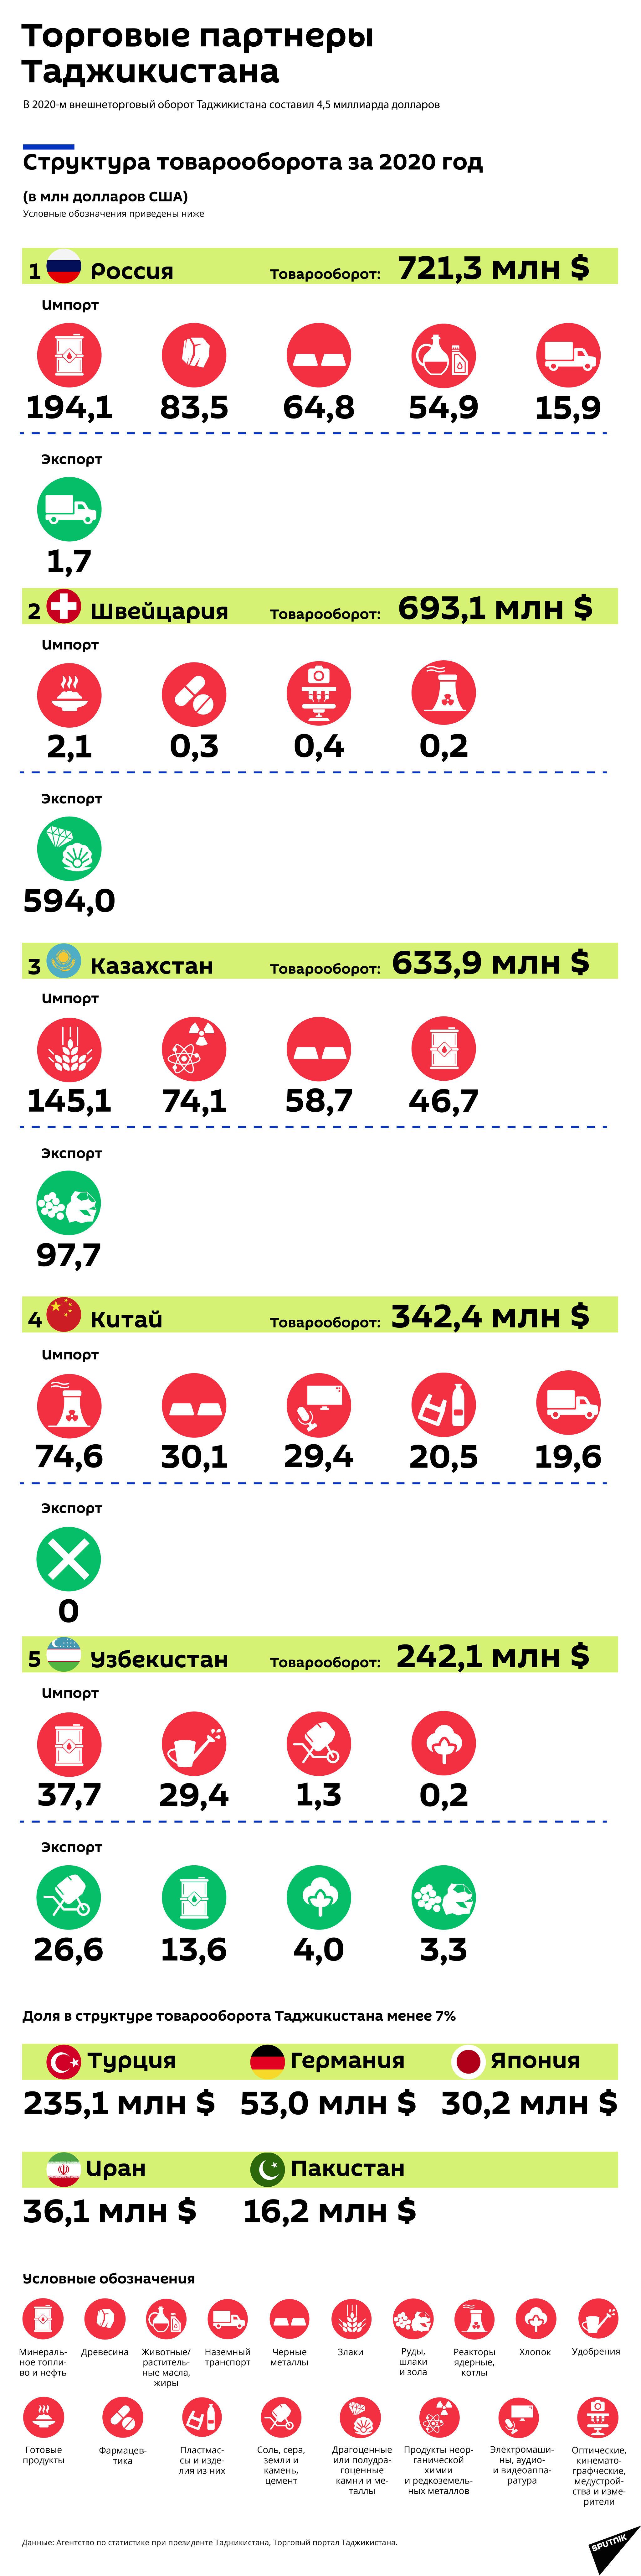 Торговые партнеры Таджикистана - Sputnik Таджикистан